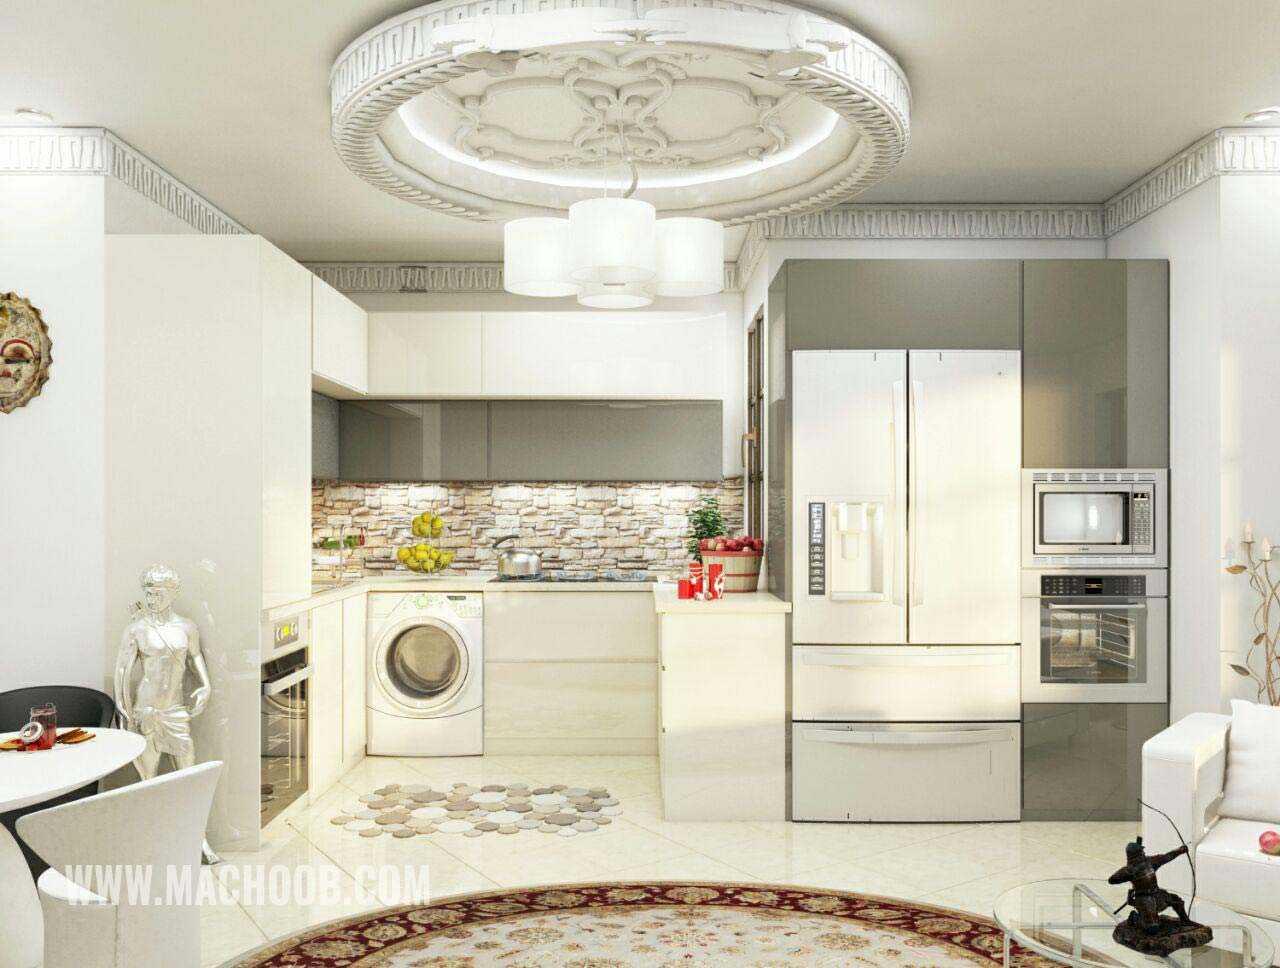 پروژه بازسازی کابینت آشپزخانه (آقای مینویی)